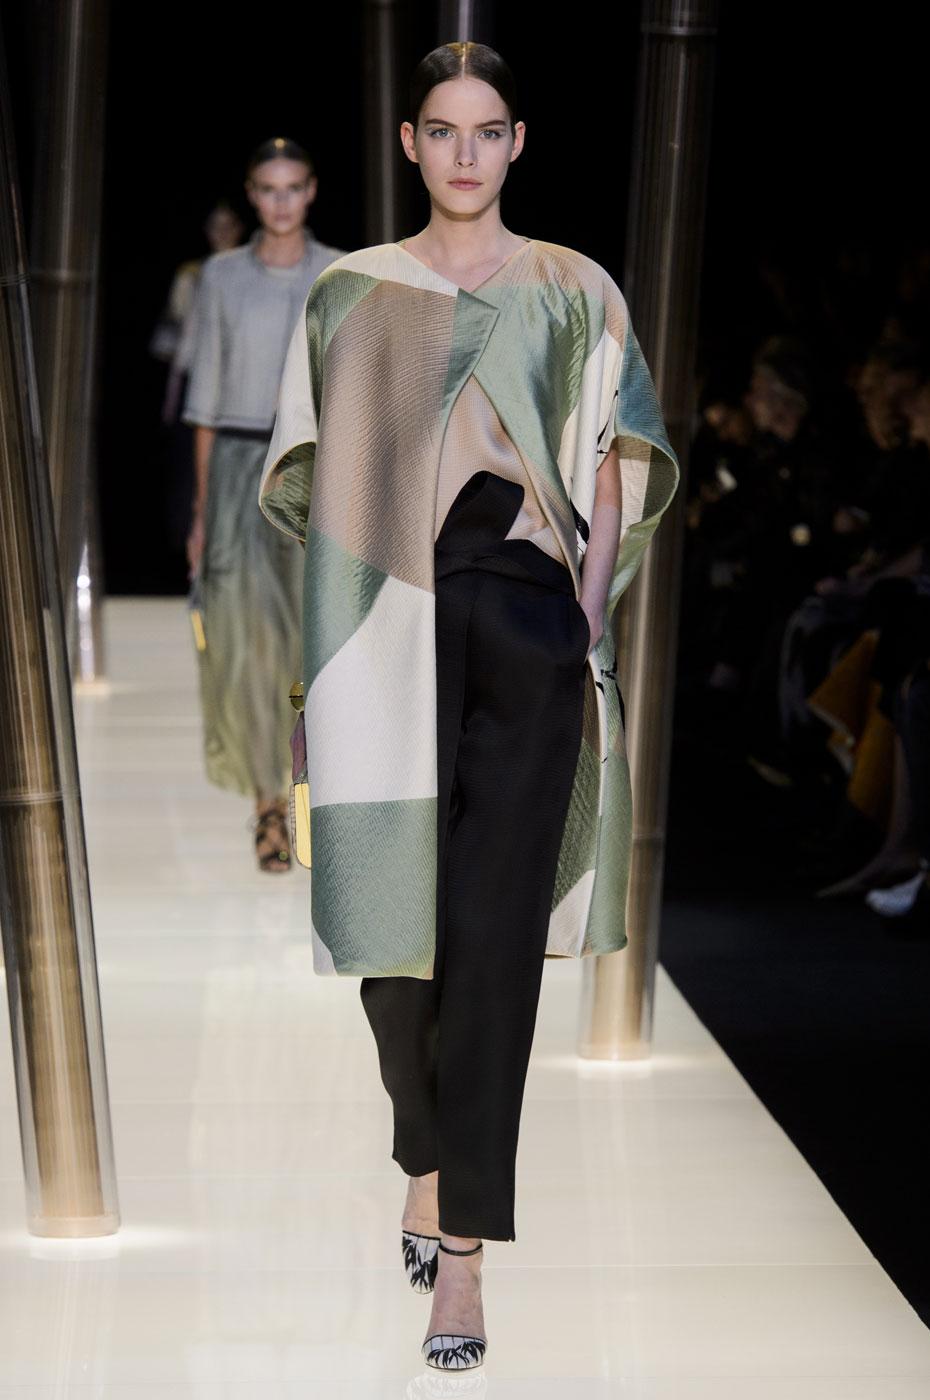 Giorgio-armani-Prive-fashion-runway-show-haute-couture-paris-spring-2015-the-impression-029